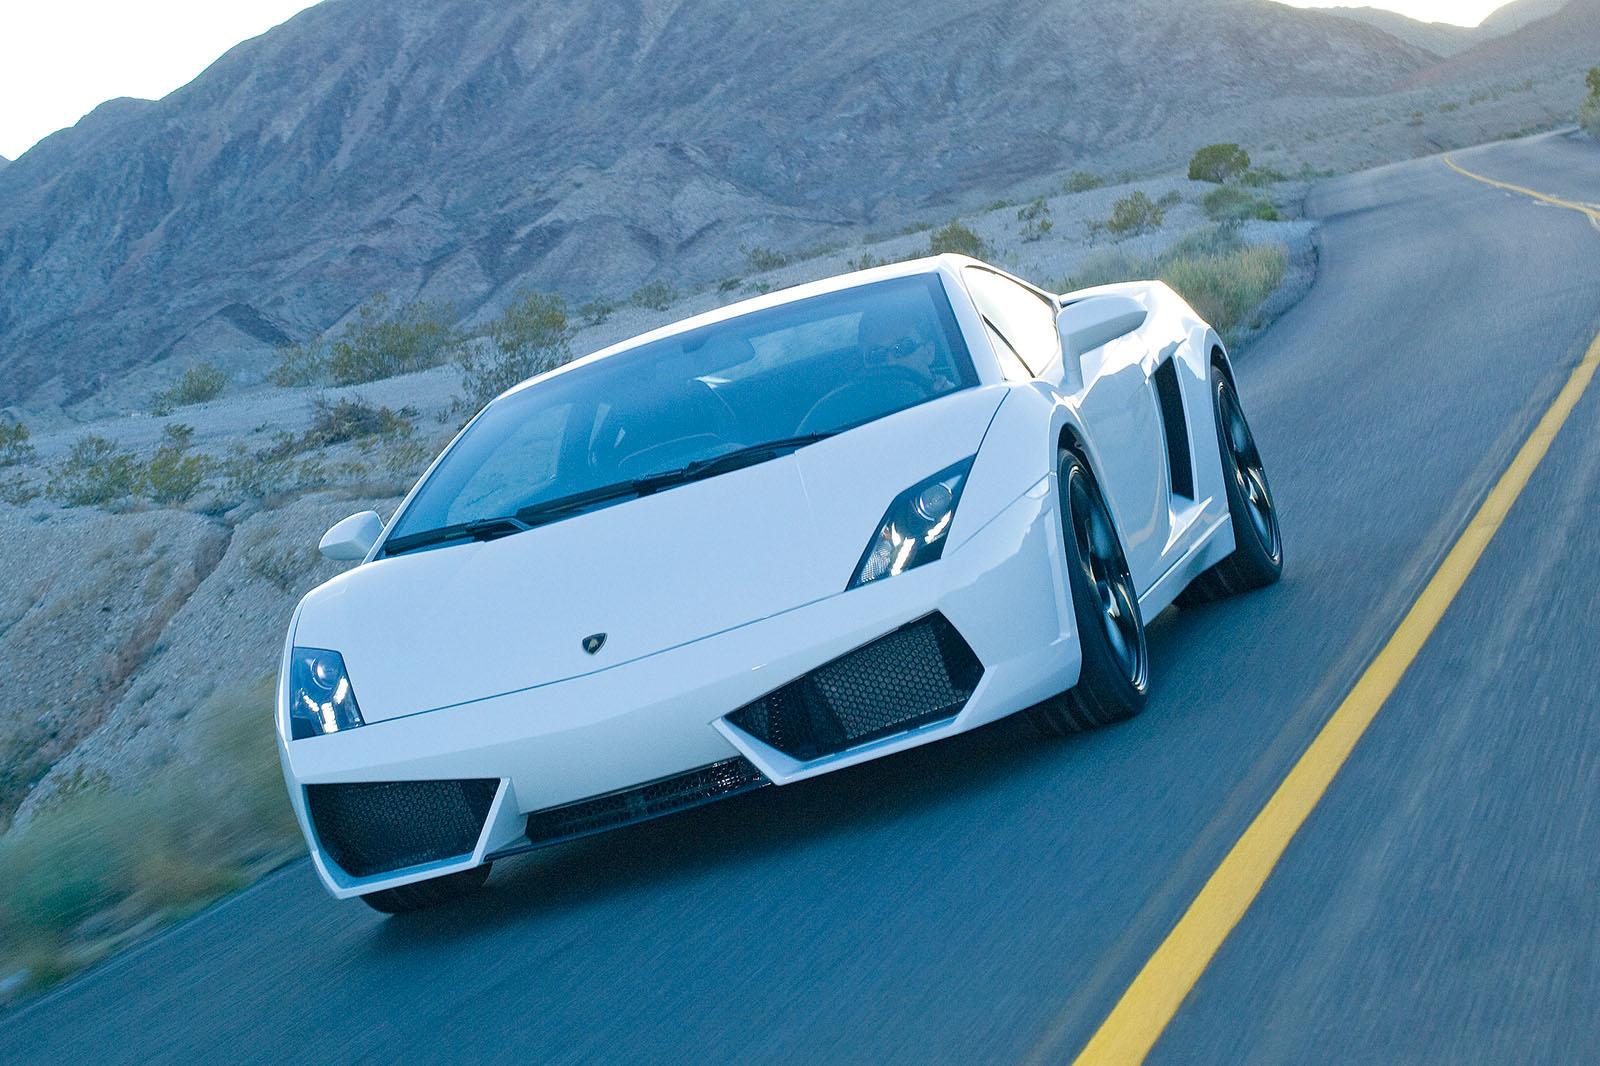 Lamborghini Huracan Performante Celebrating One Of The Last V10